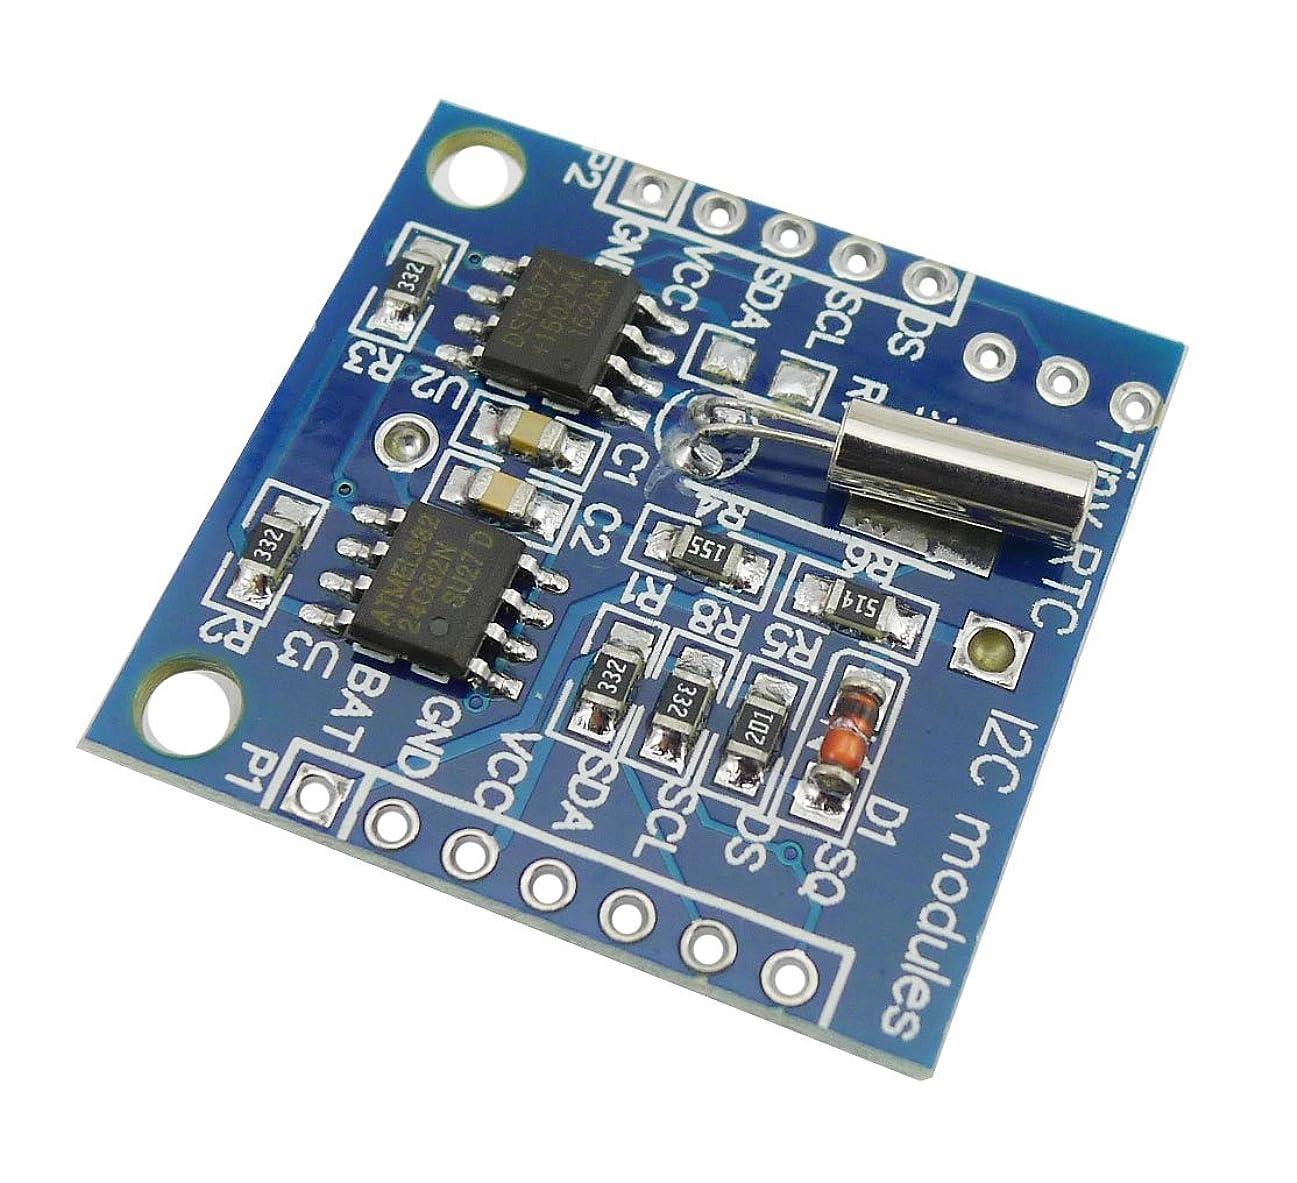 同性愛者首インクKKHMF DS1307 RTC クロックモジュール小型RTC I2C 24C32メモリArduino用